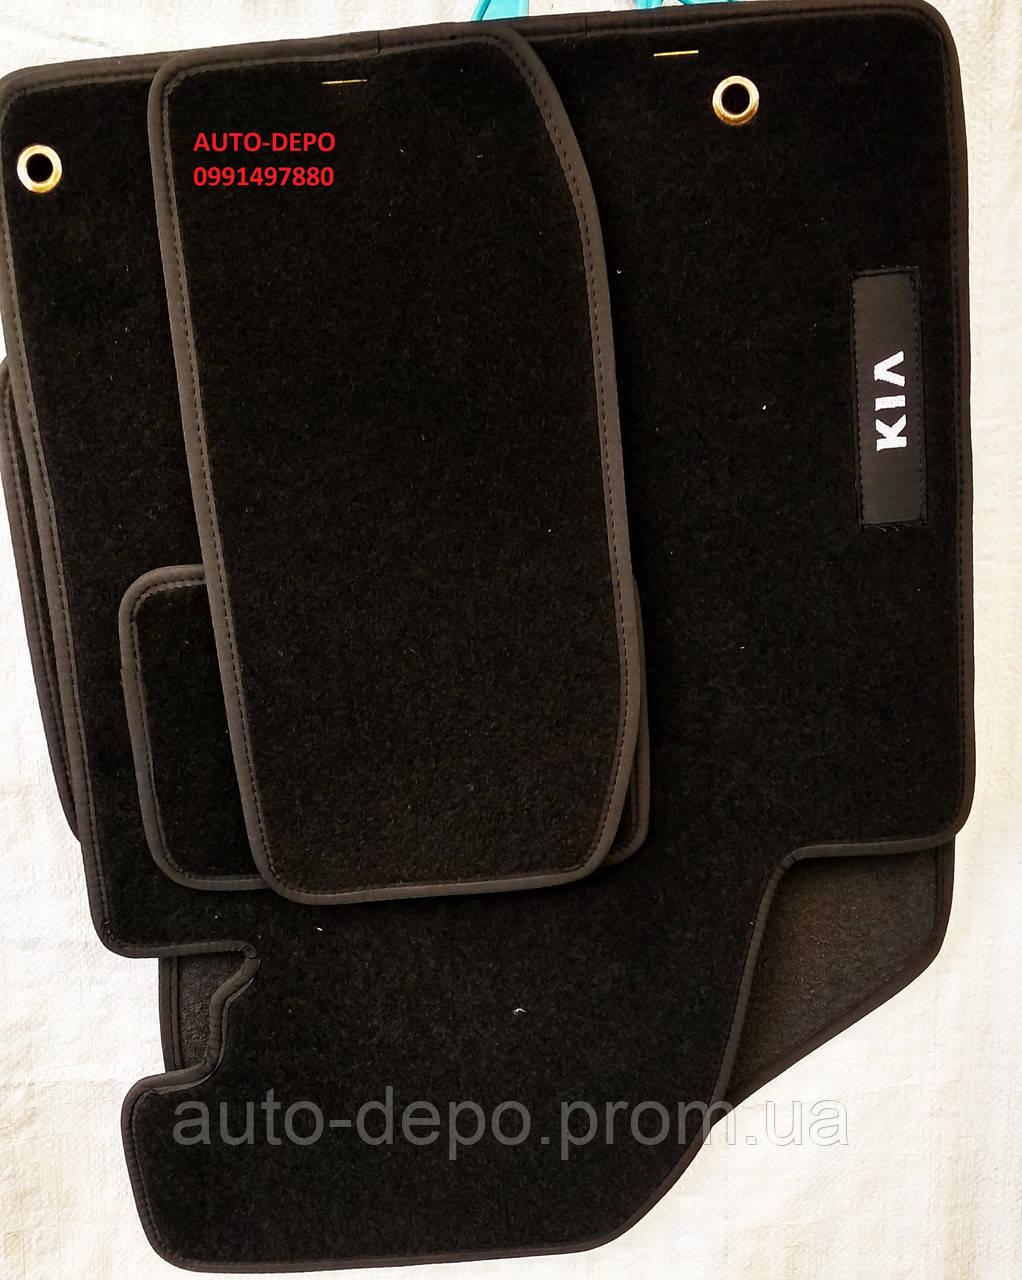 Ворсовые автомобильные коврики Kia Rio 2005- CIAC GRAN